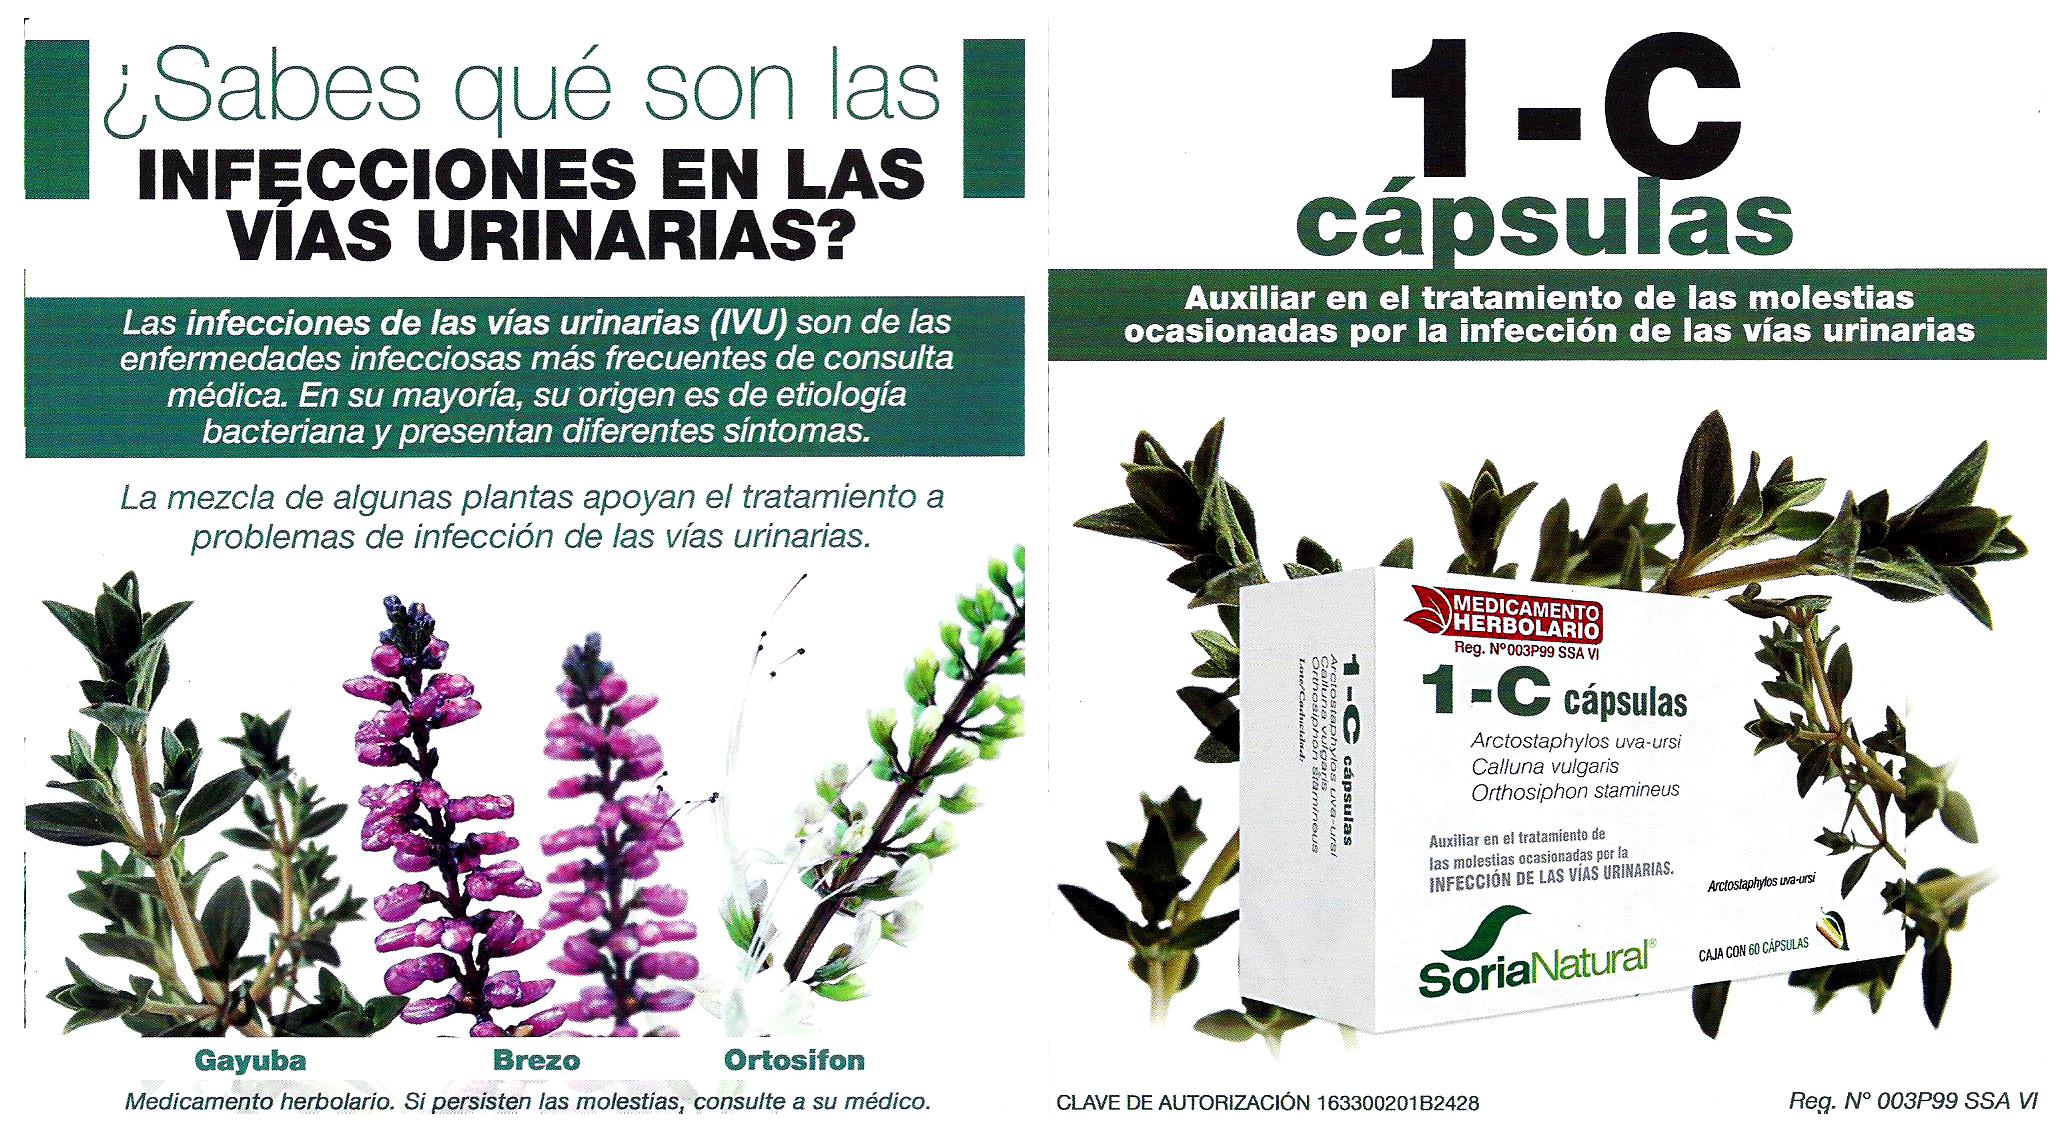 flyers-impresos-guadalupana-1-dic-160005y6